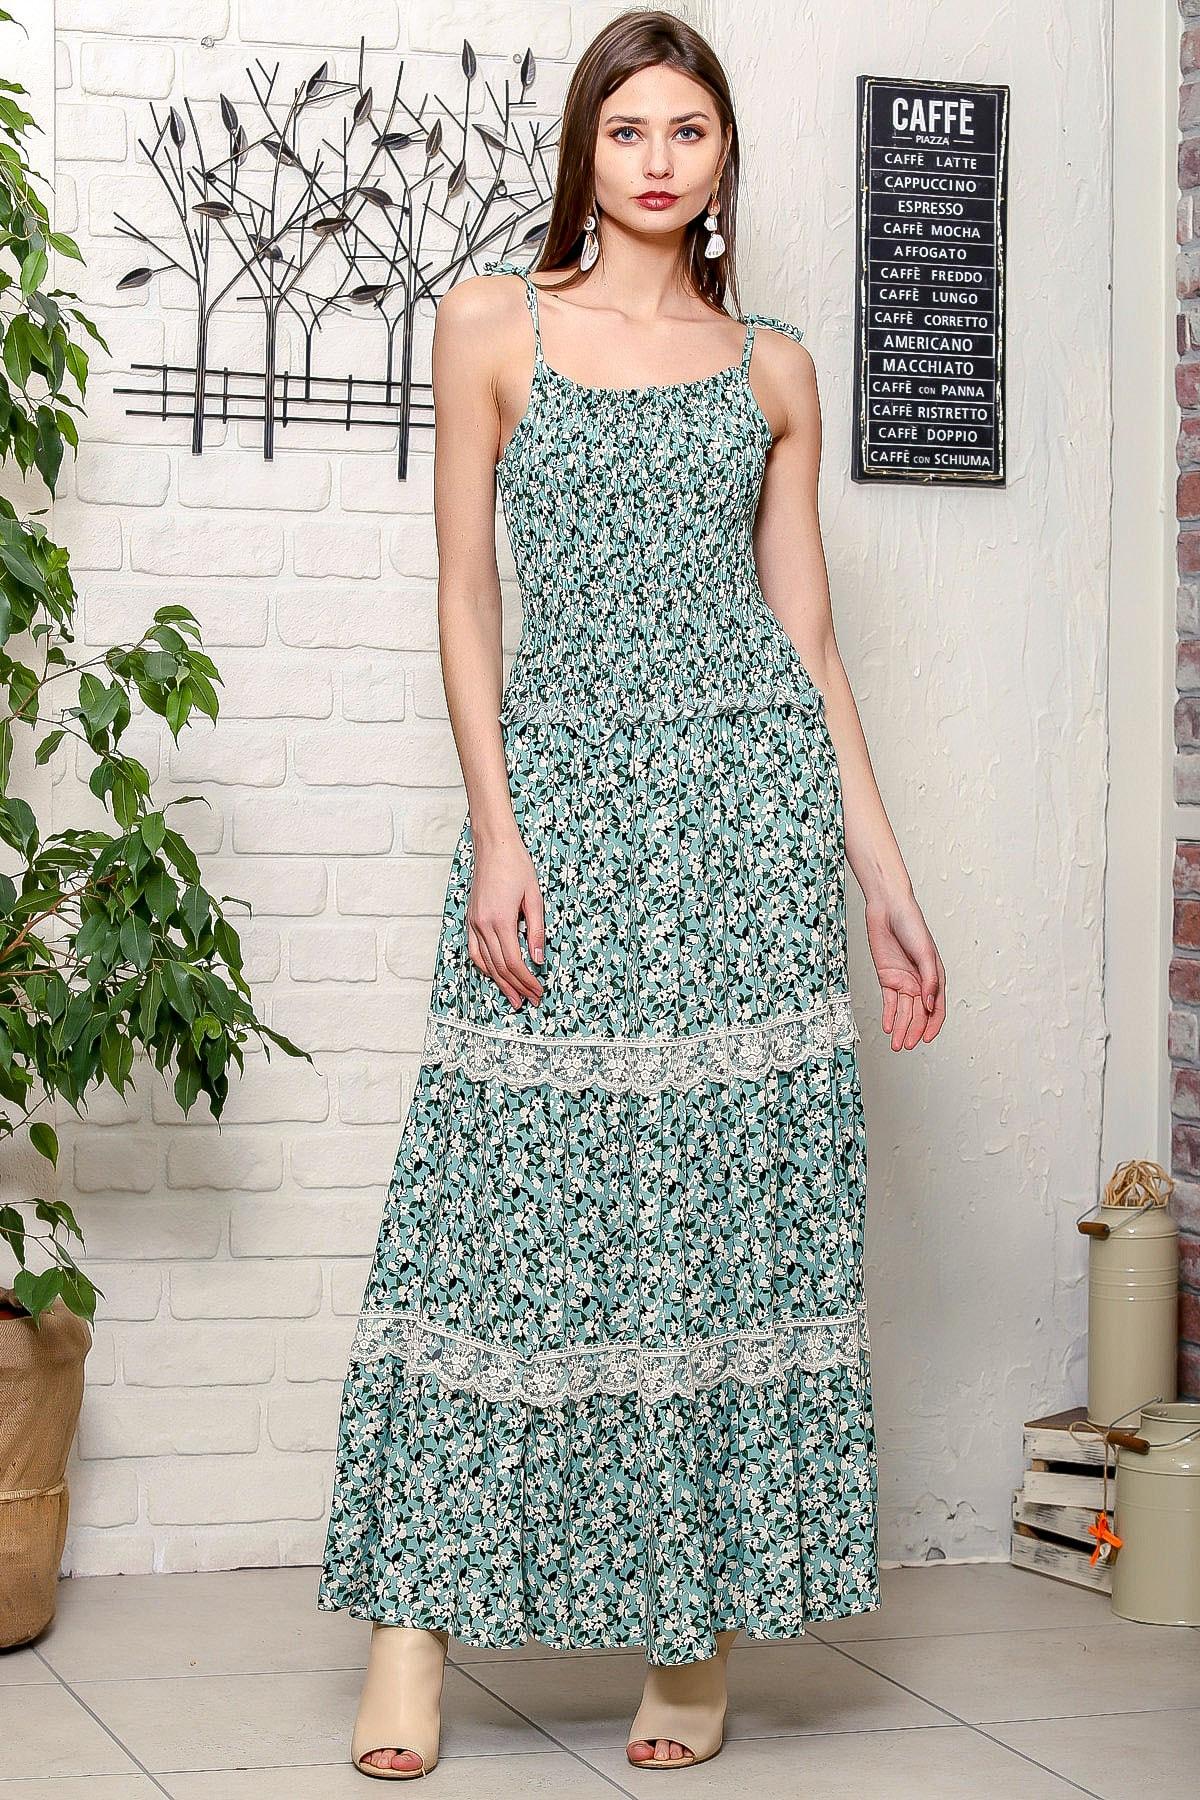 Kadın Yeşil İp Askılı Gipeli Çıtır Çiçek Desen Dantel Detaylı Kat Kat Uzun Dokuma Elbise